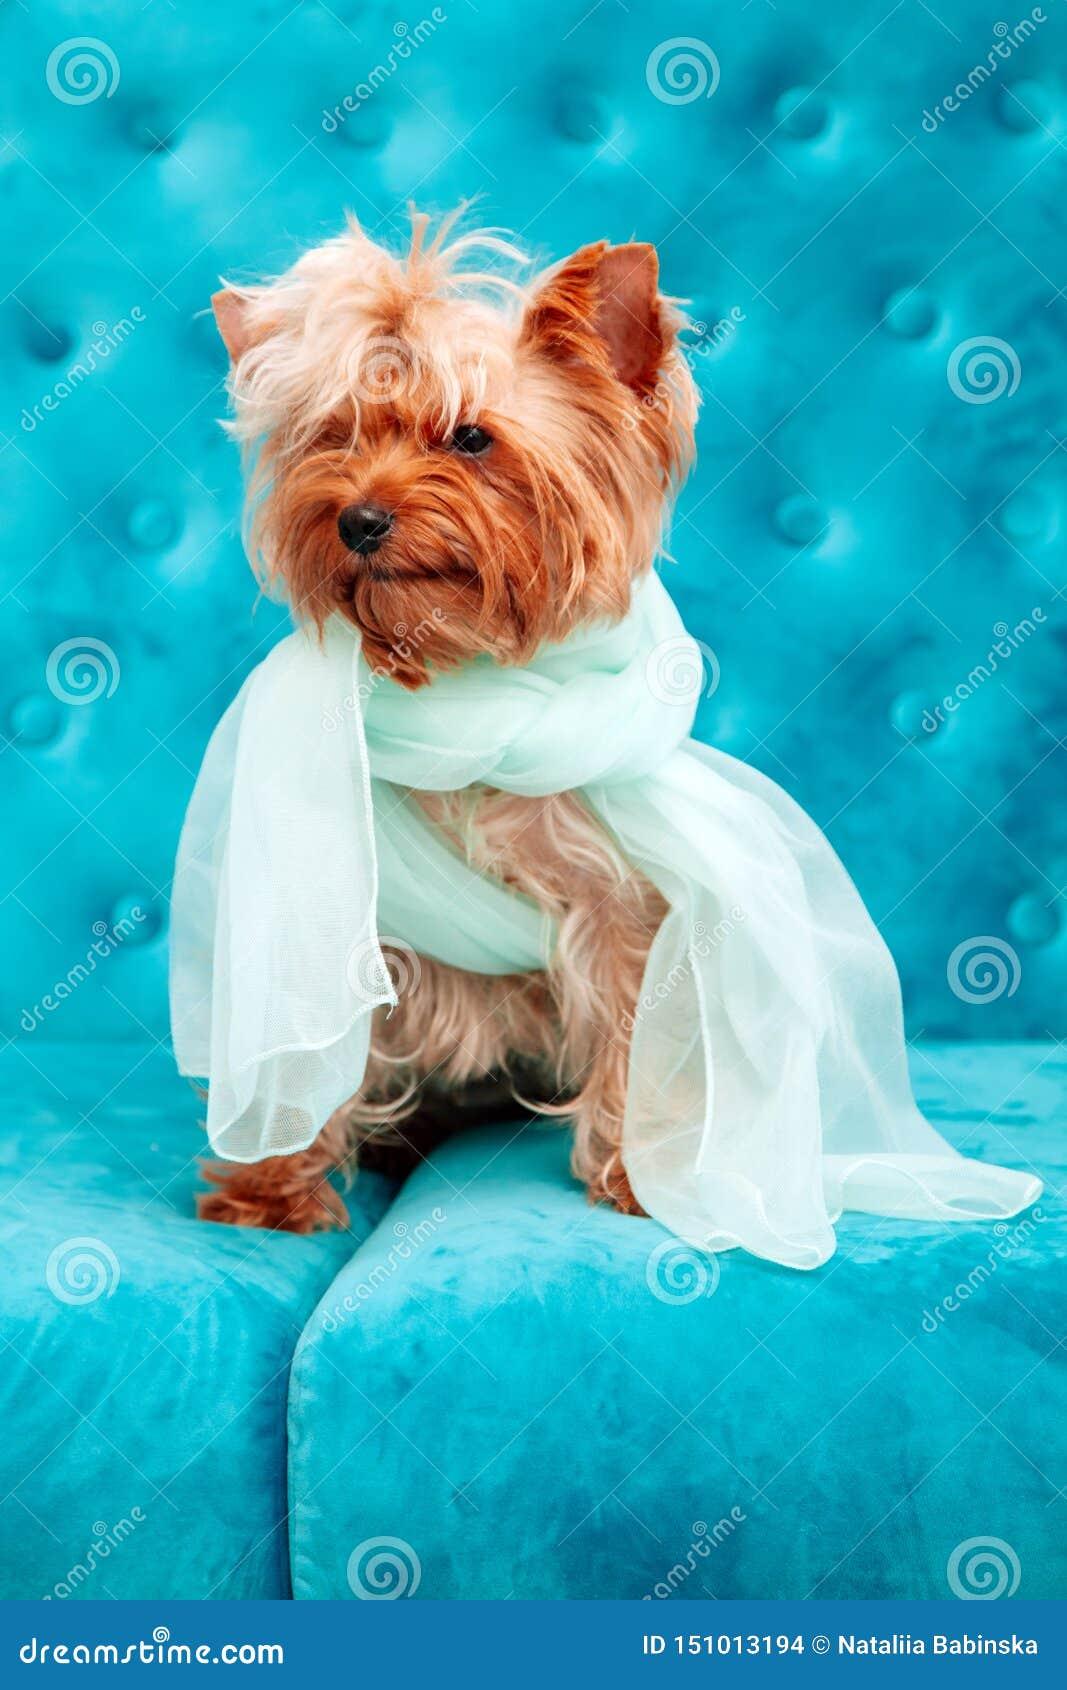 Azul azul tiffany da curva do sofá do terrier do animal de estimação do cão da cor de turquesa do sofá canino da sessão de foto